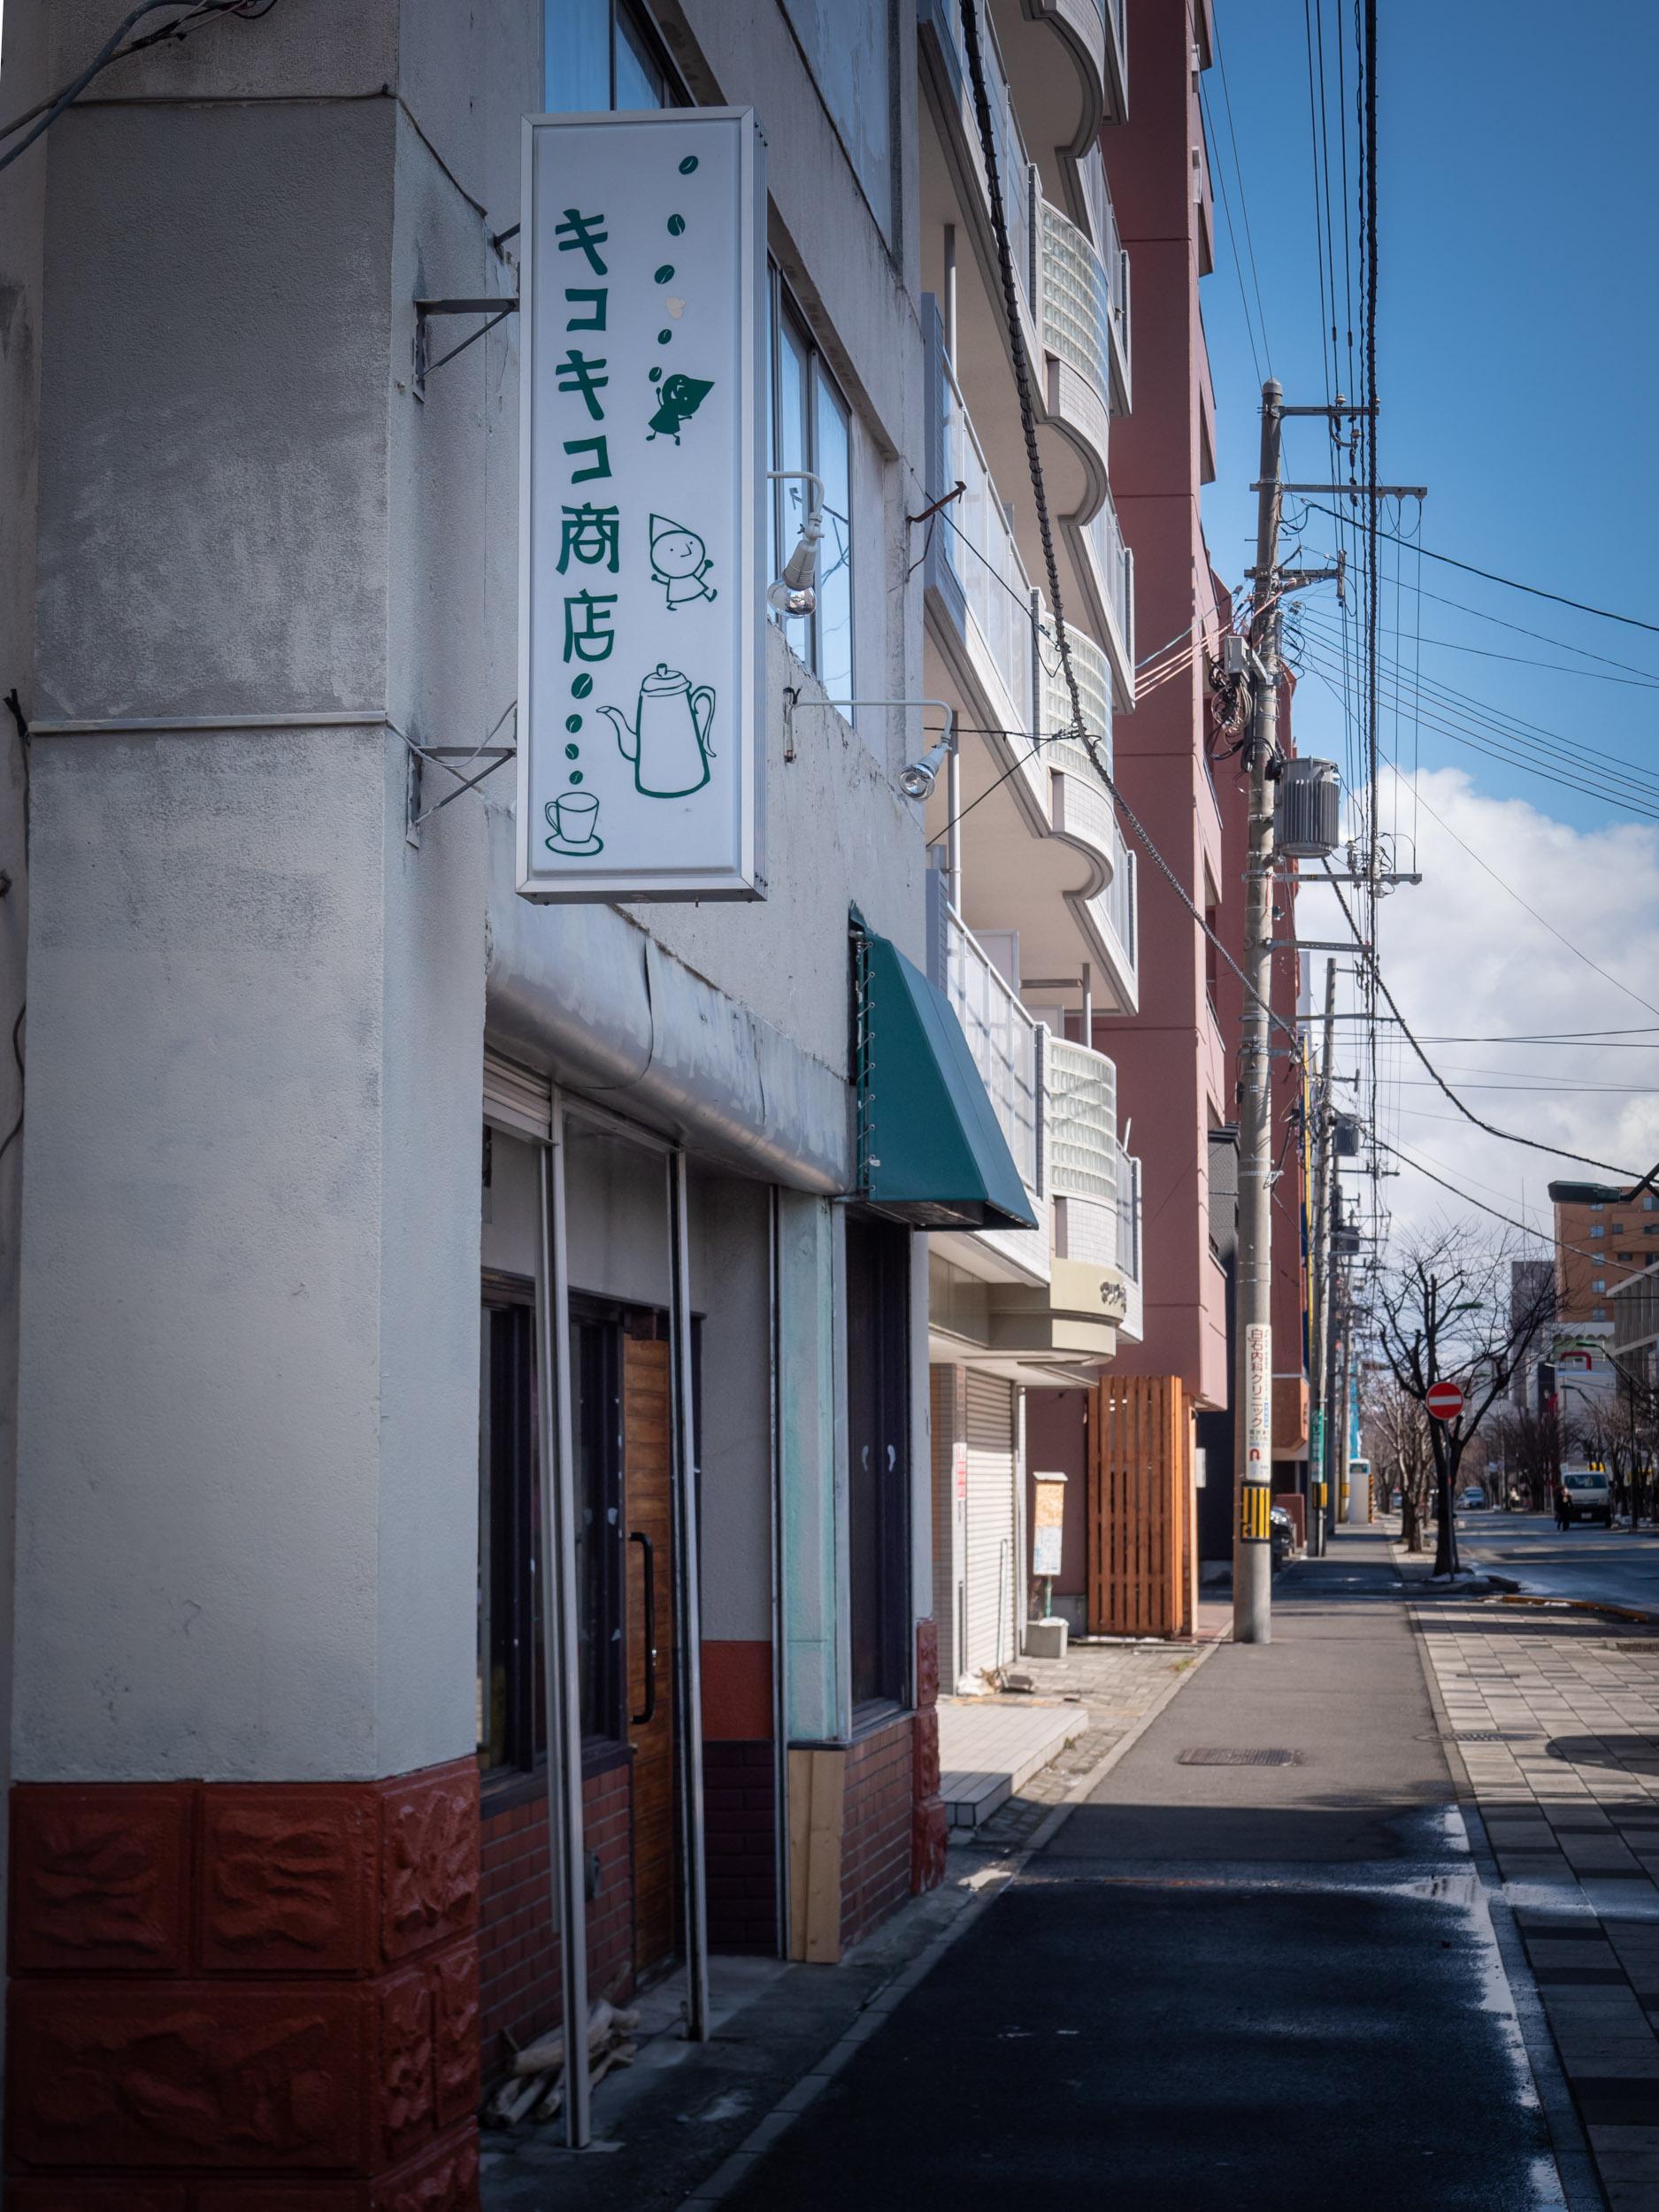 札幌市白石区本郷通6丁目北5−27 「キコキコ商店」の外観 DMC-GX8 + LEICA DG 12-60mm